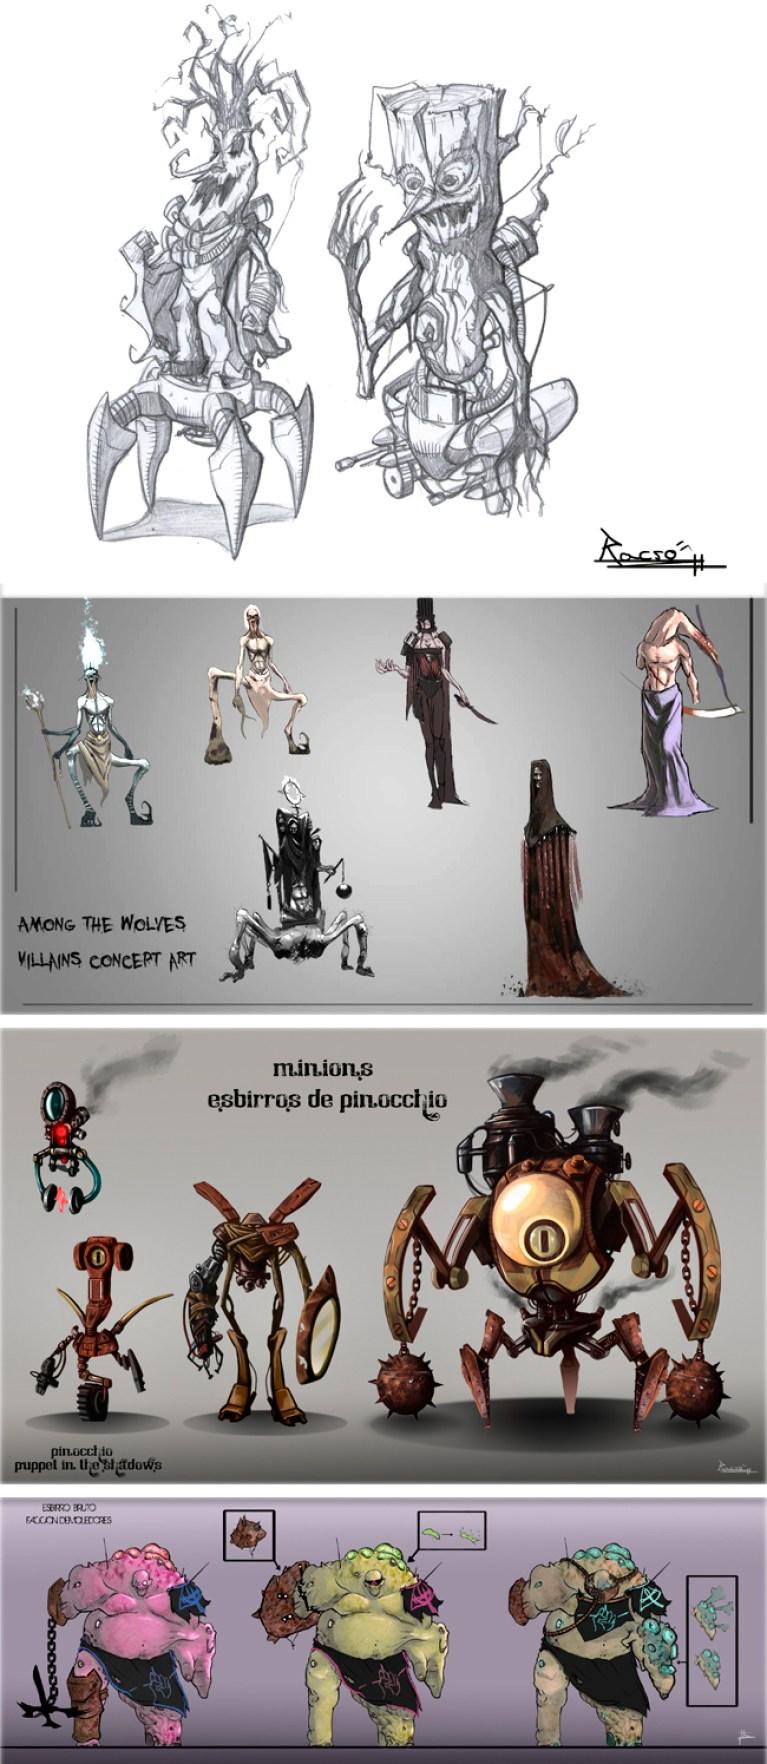 trabajos_curso_arte_digital_diseno_videojuegos_academiac10_madrid_master_artC10